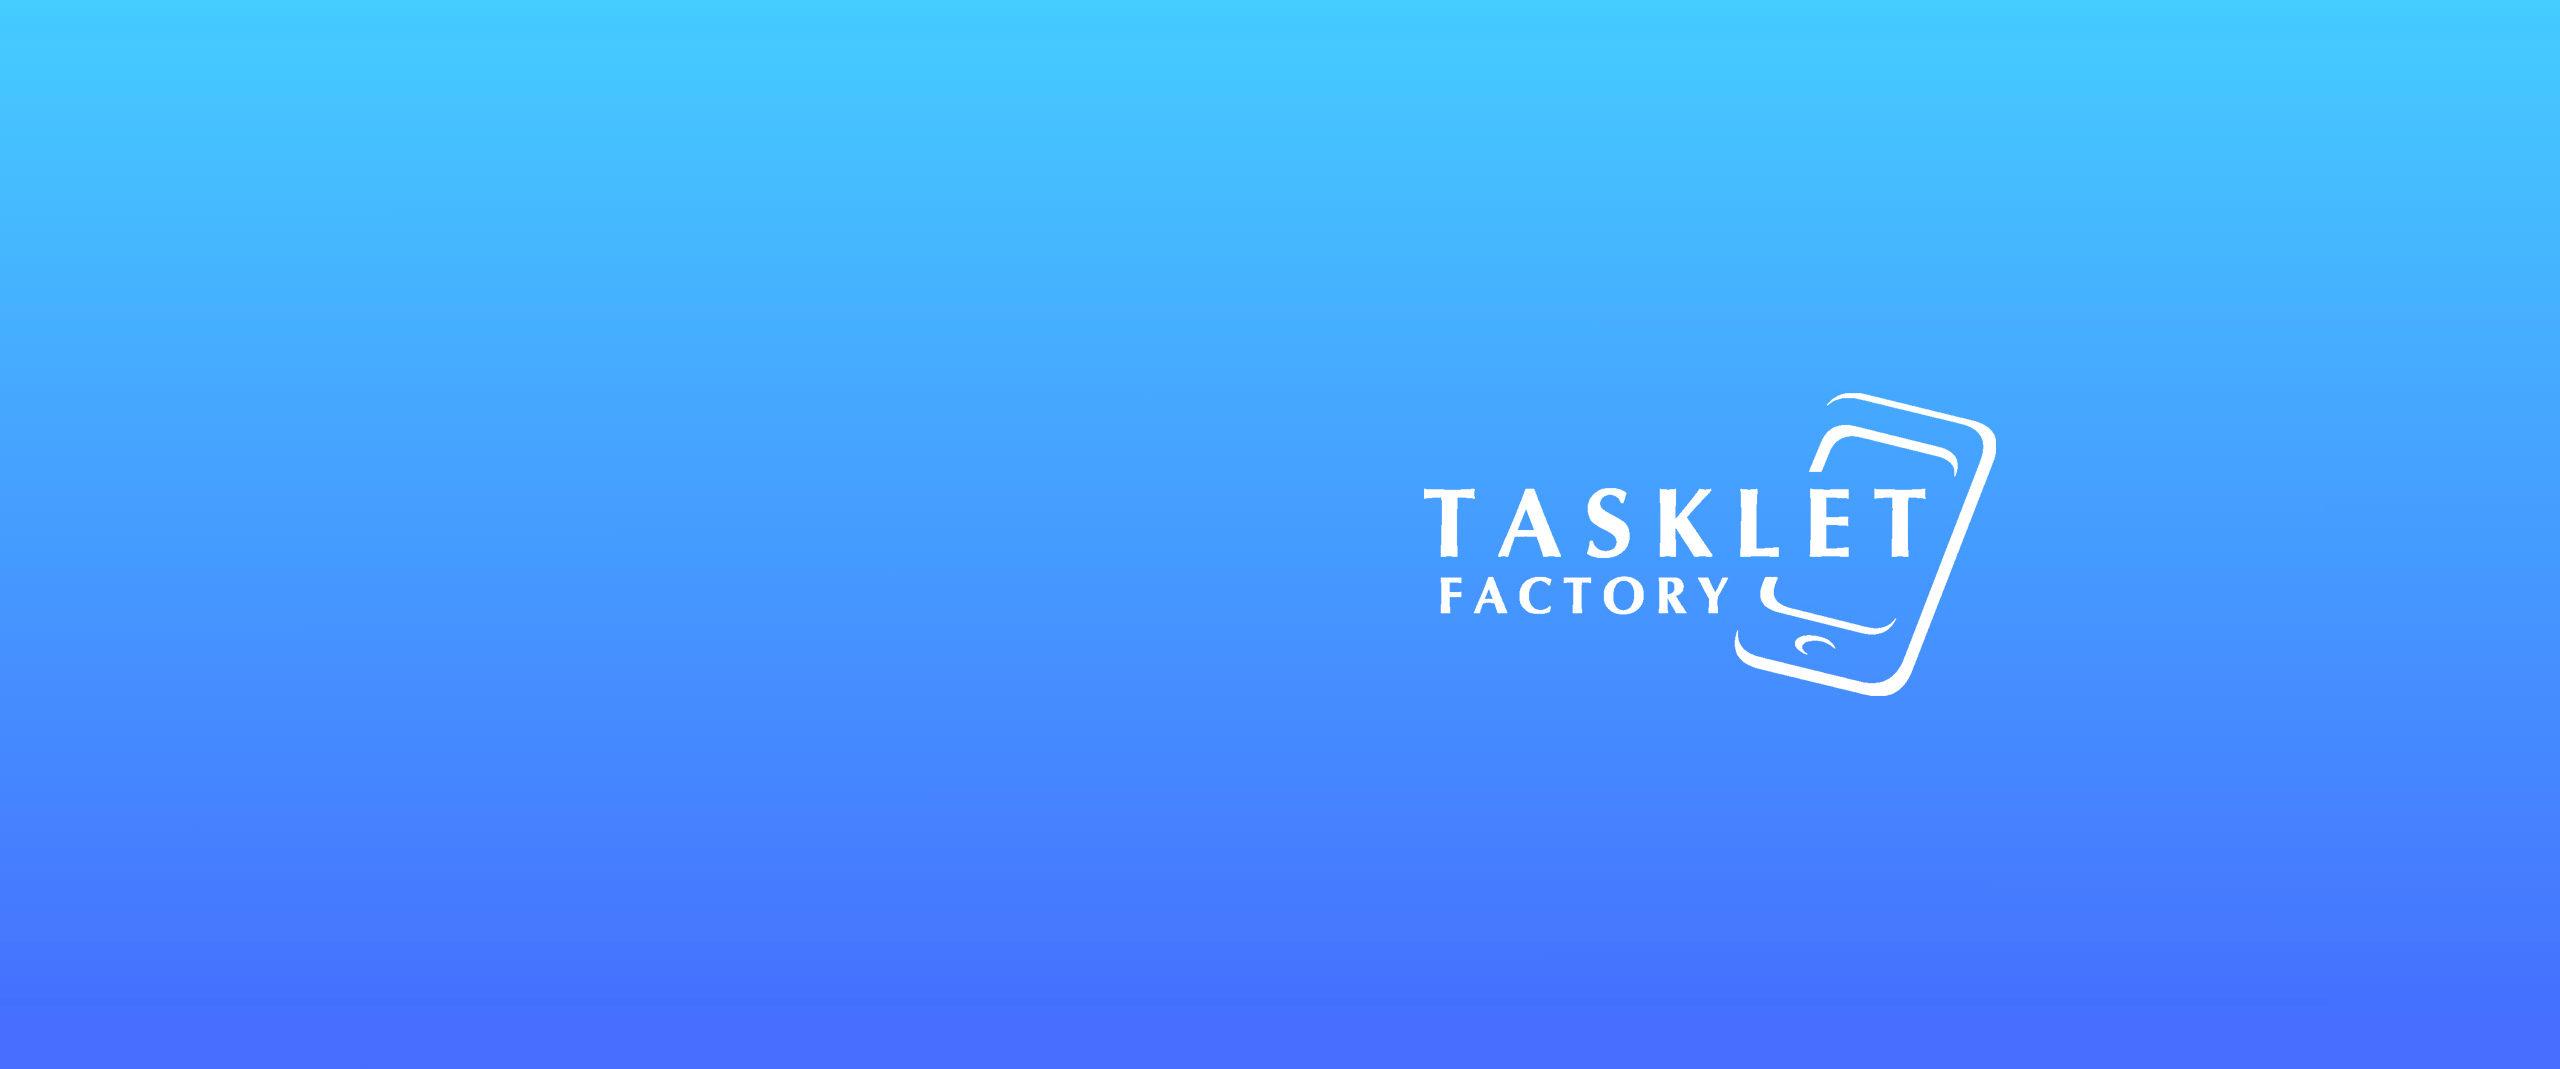 Tasklet factory solution